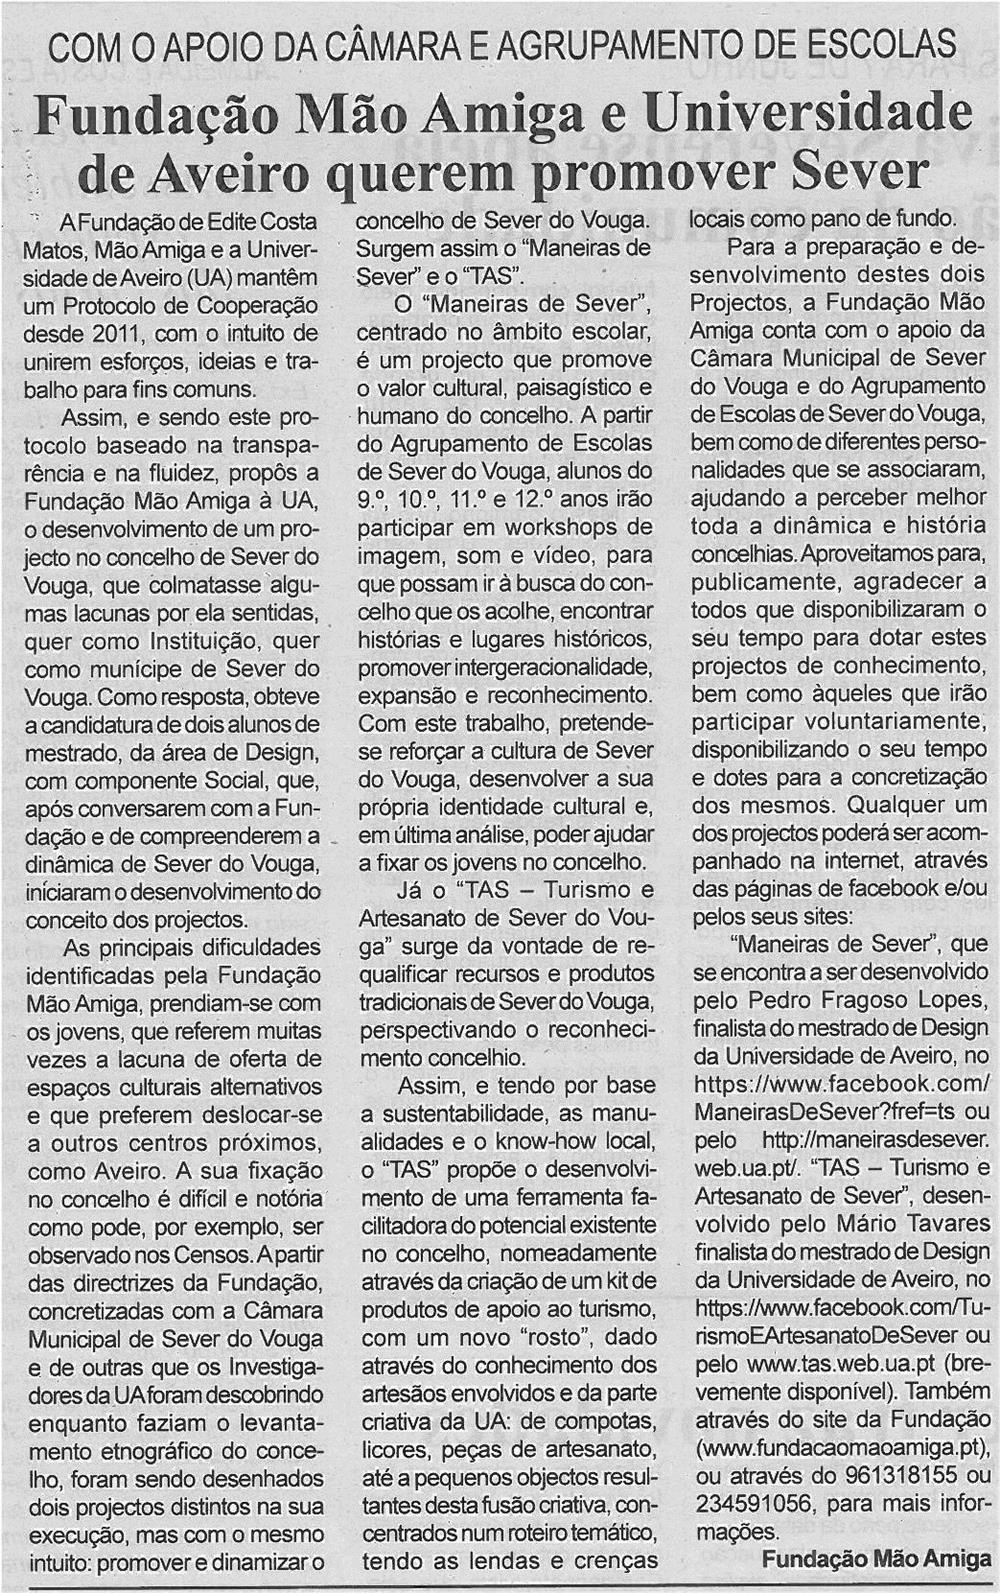 BV-1ªjun13-p4-Fundação Mão Amiga e Universidade de Aveiro querem promover Sever